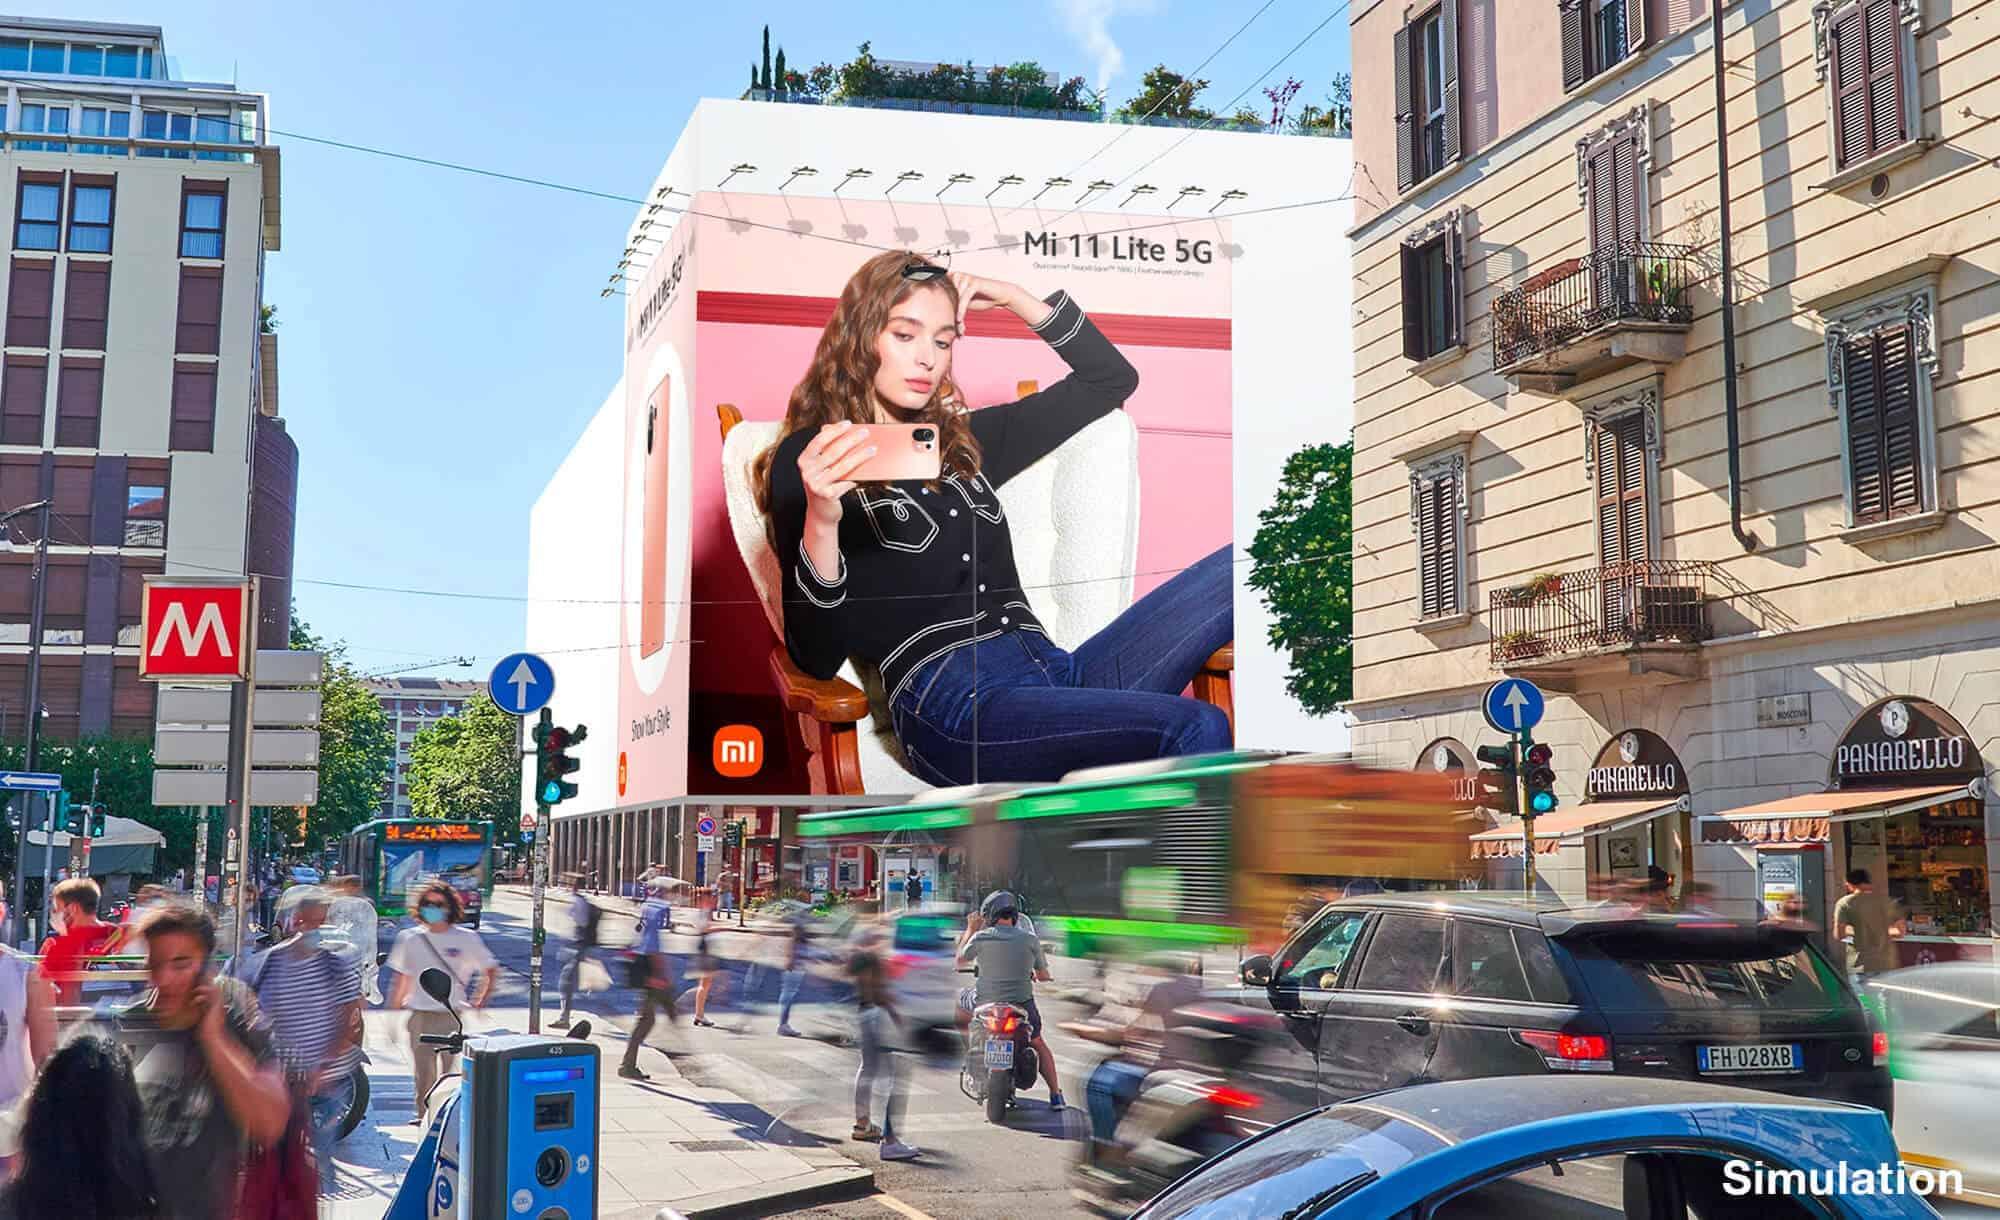 Maxi Affissione a Milano in Via Moscova 58 con XiaoMi (Technology)